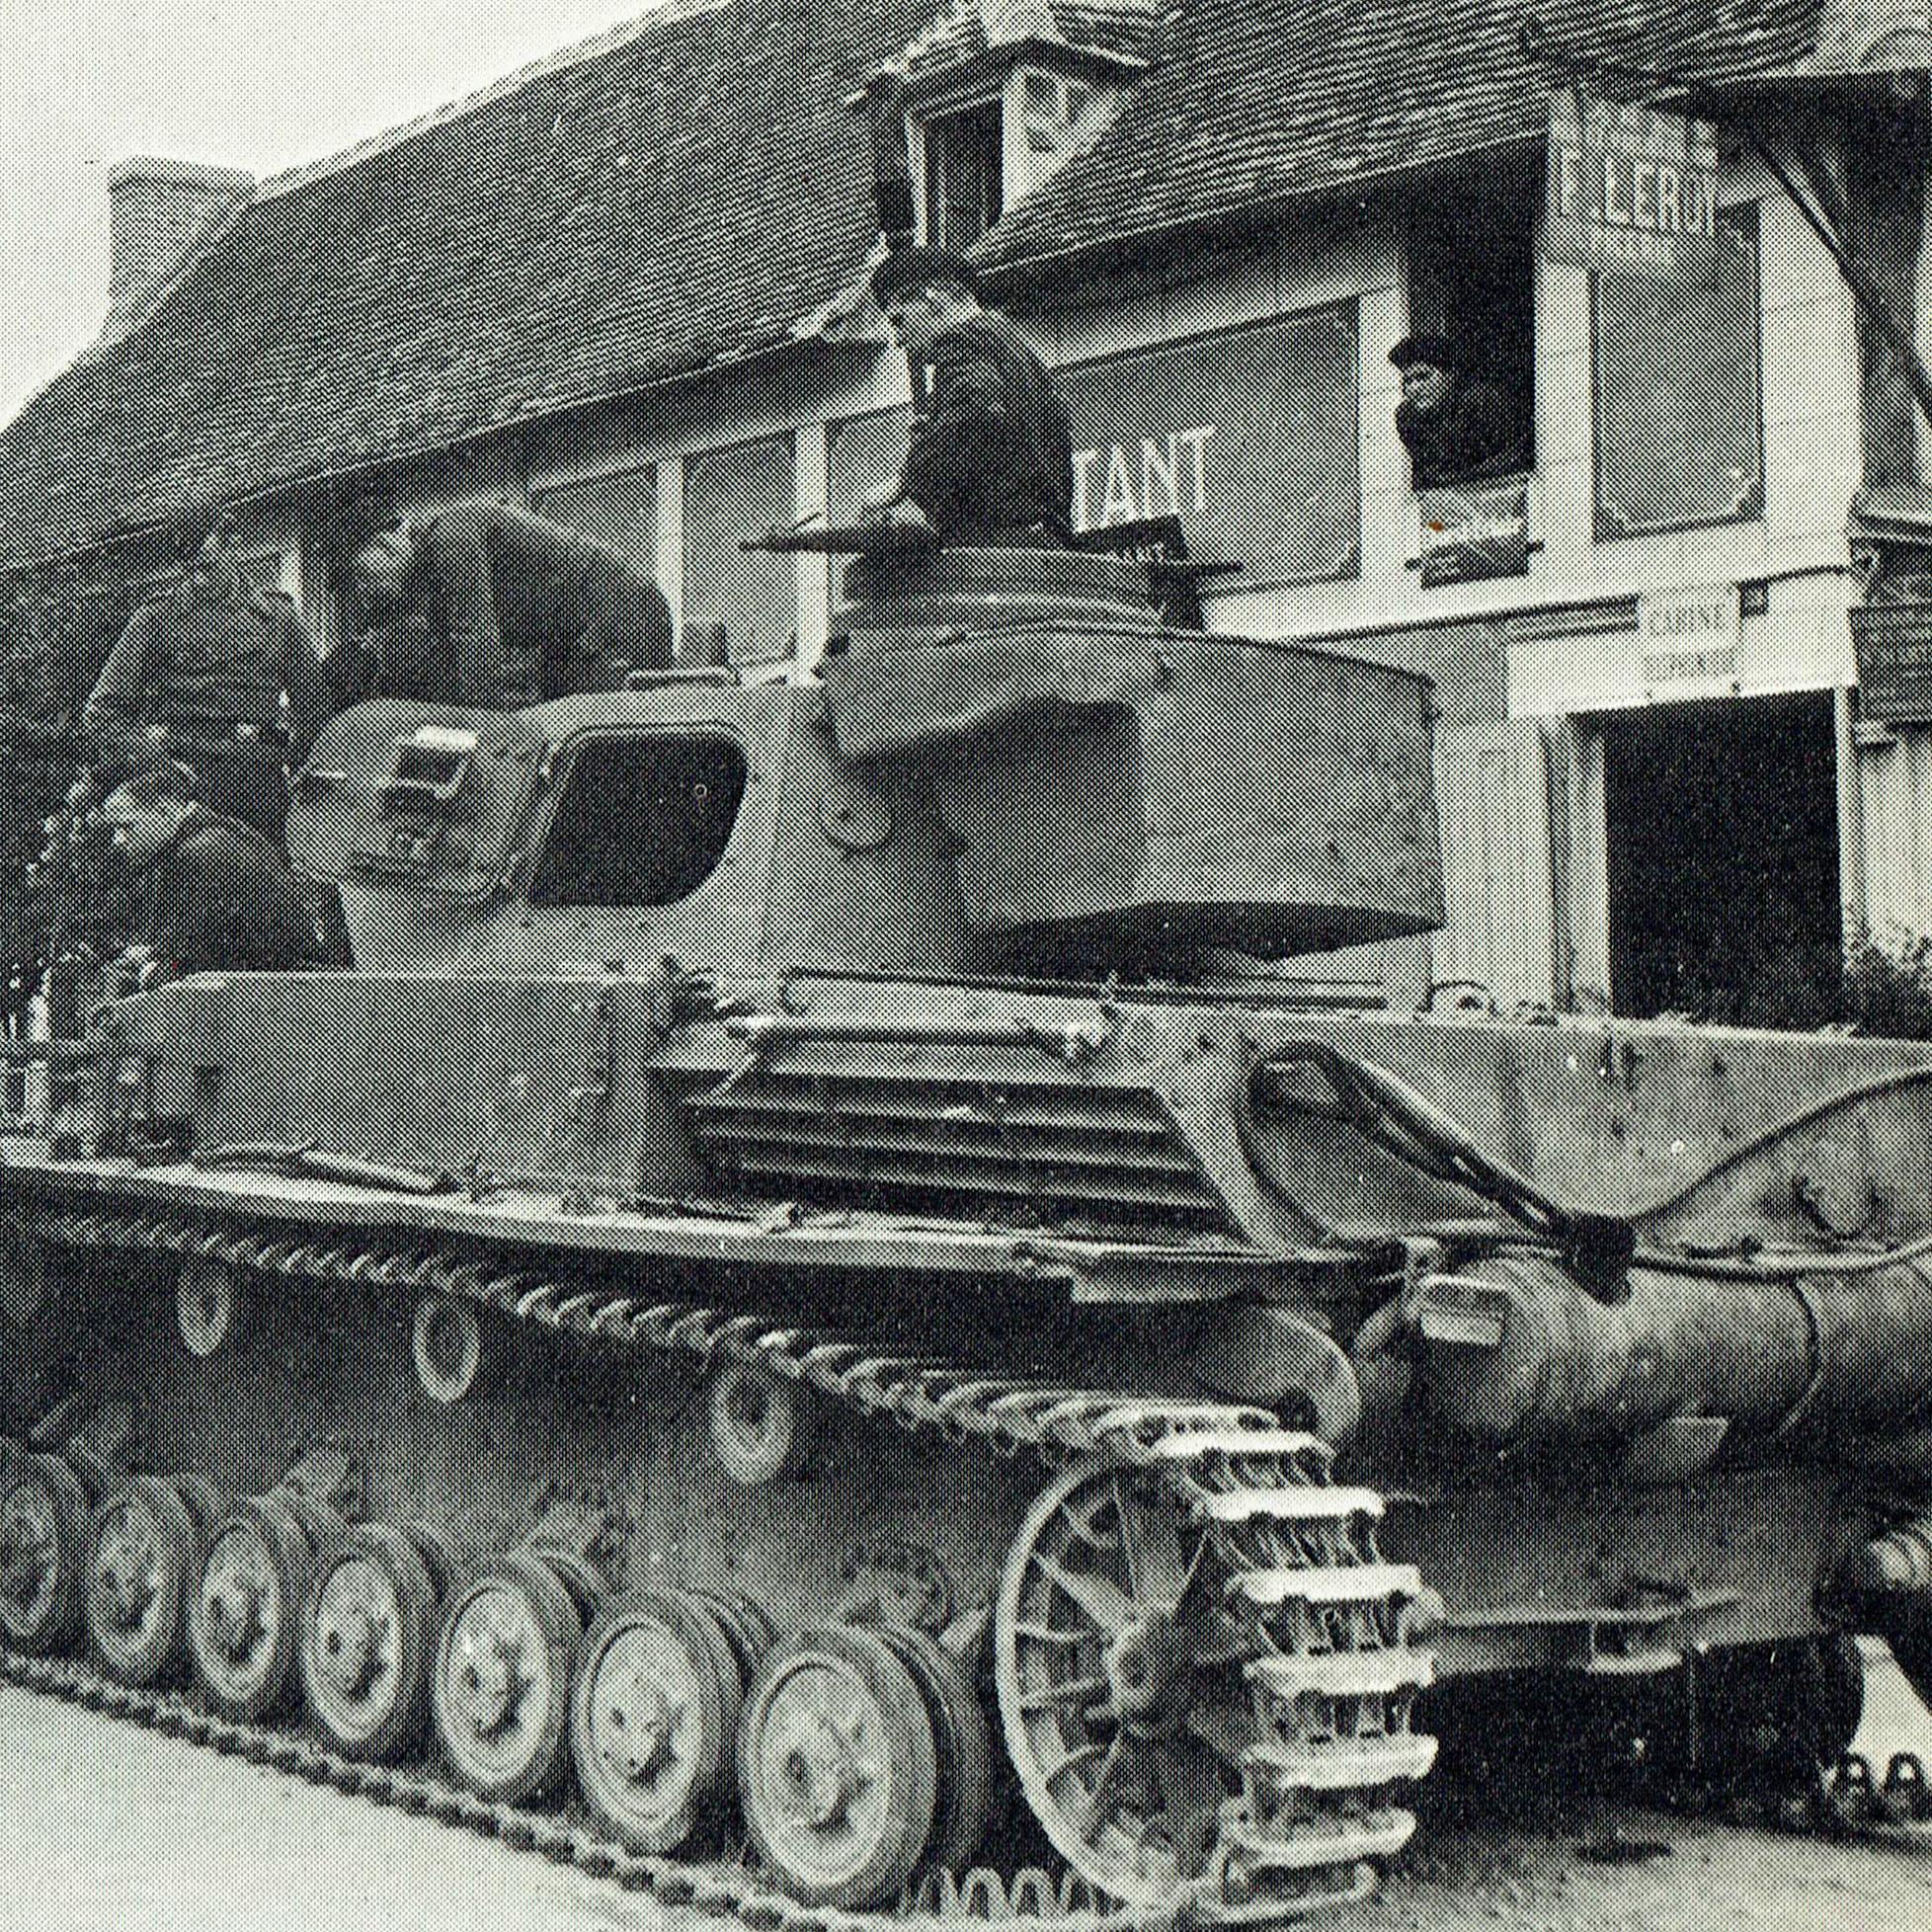 ノルマンディー地区に展開したドイツ軍3個装甲師団の戦力の高さ